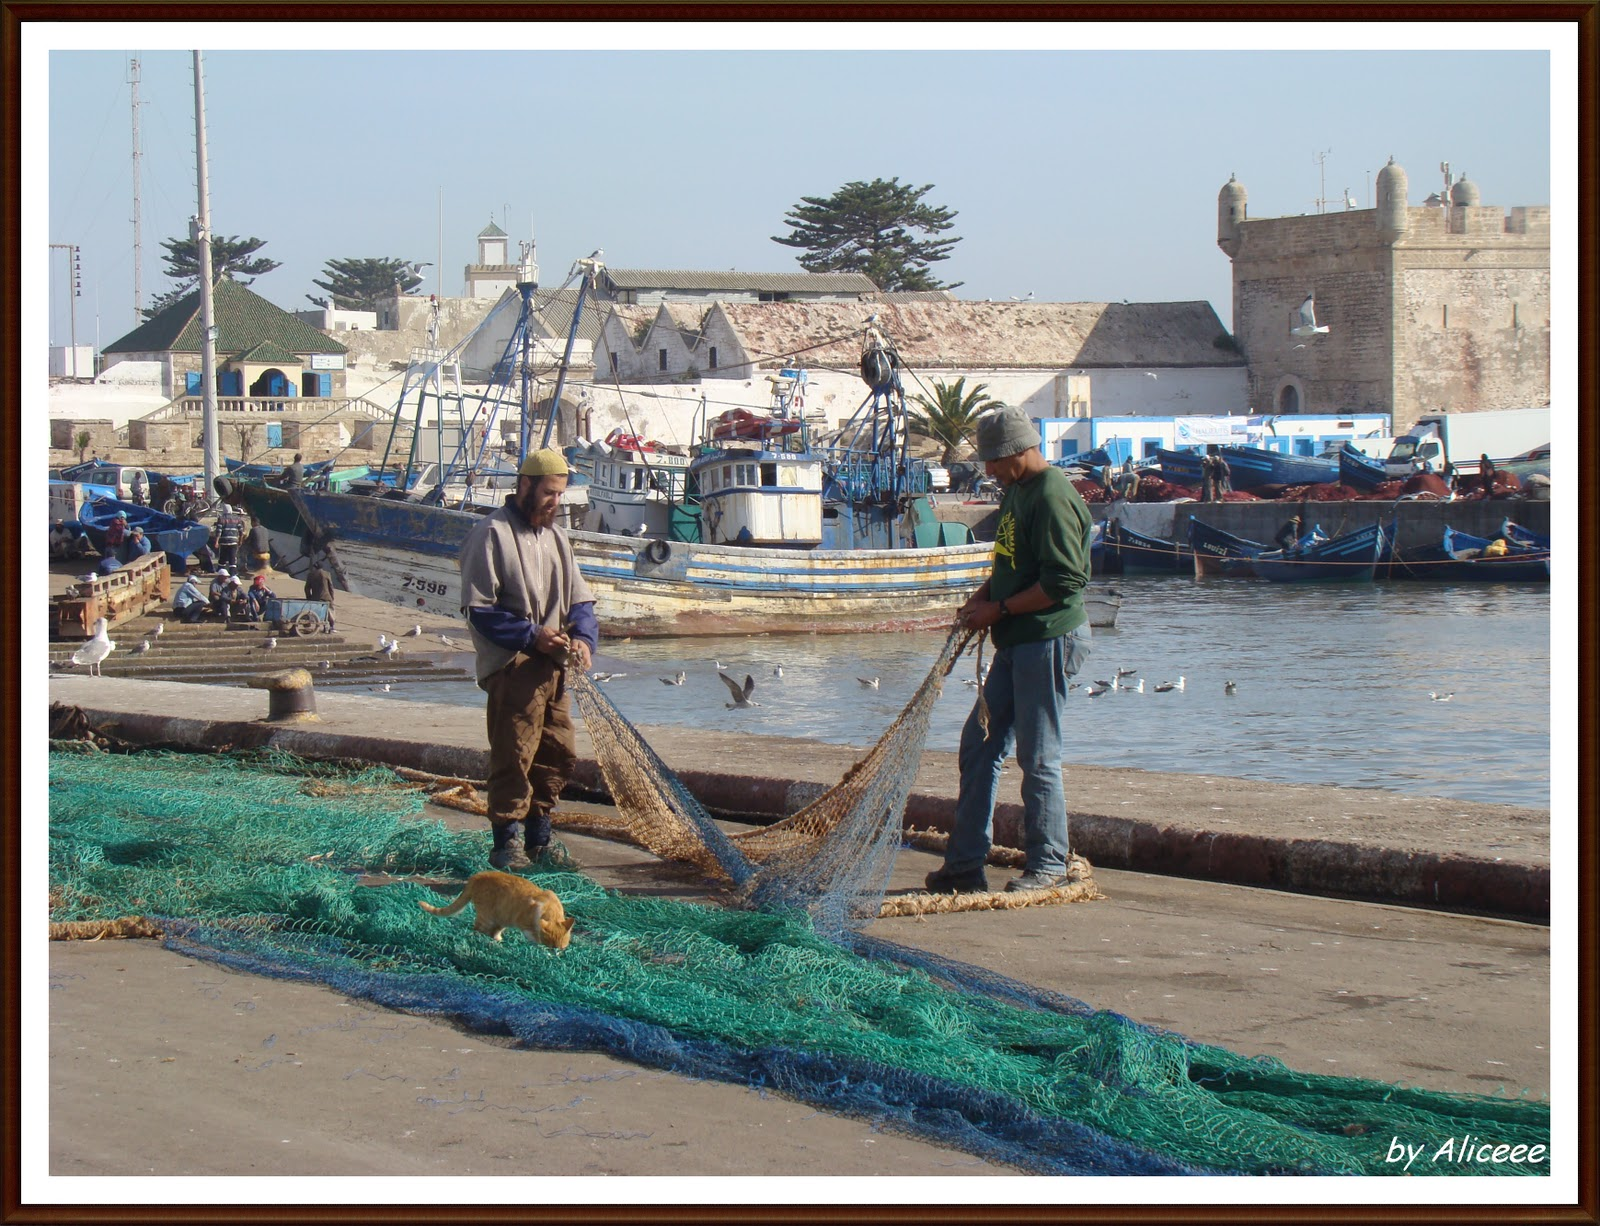 viata-in-port-maroc